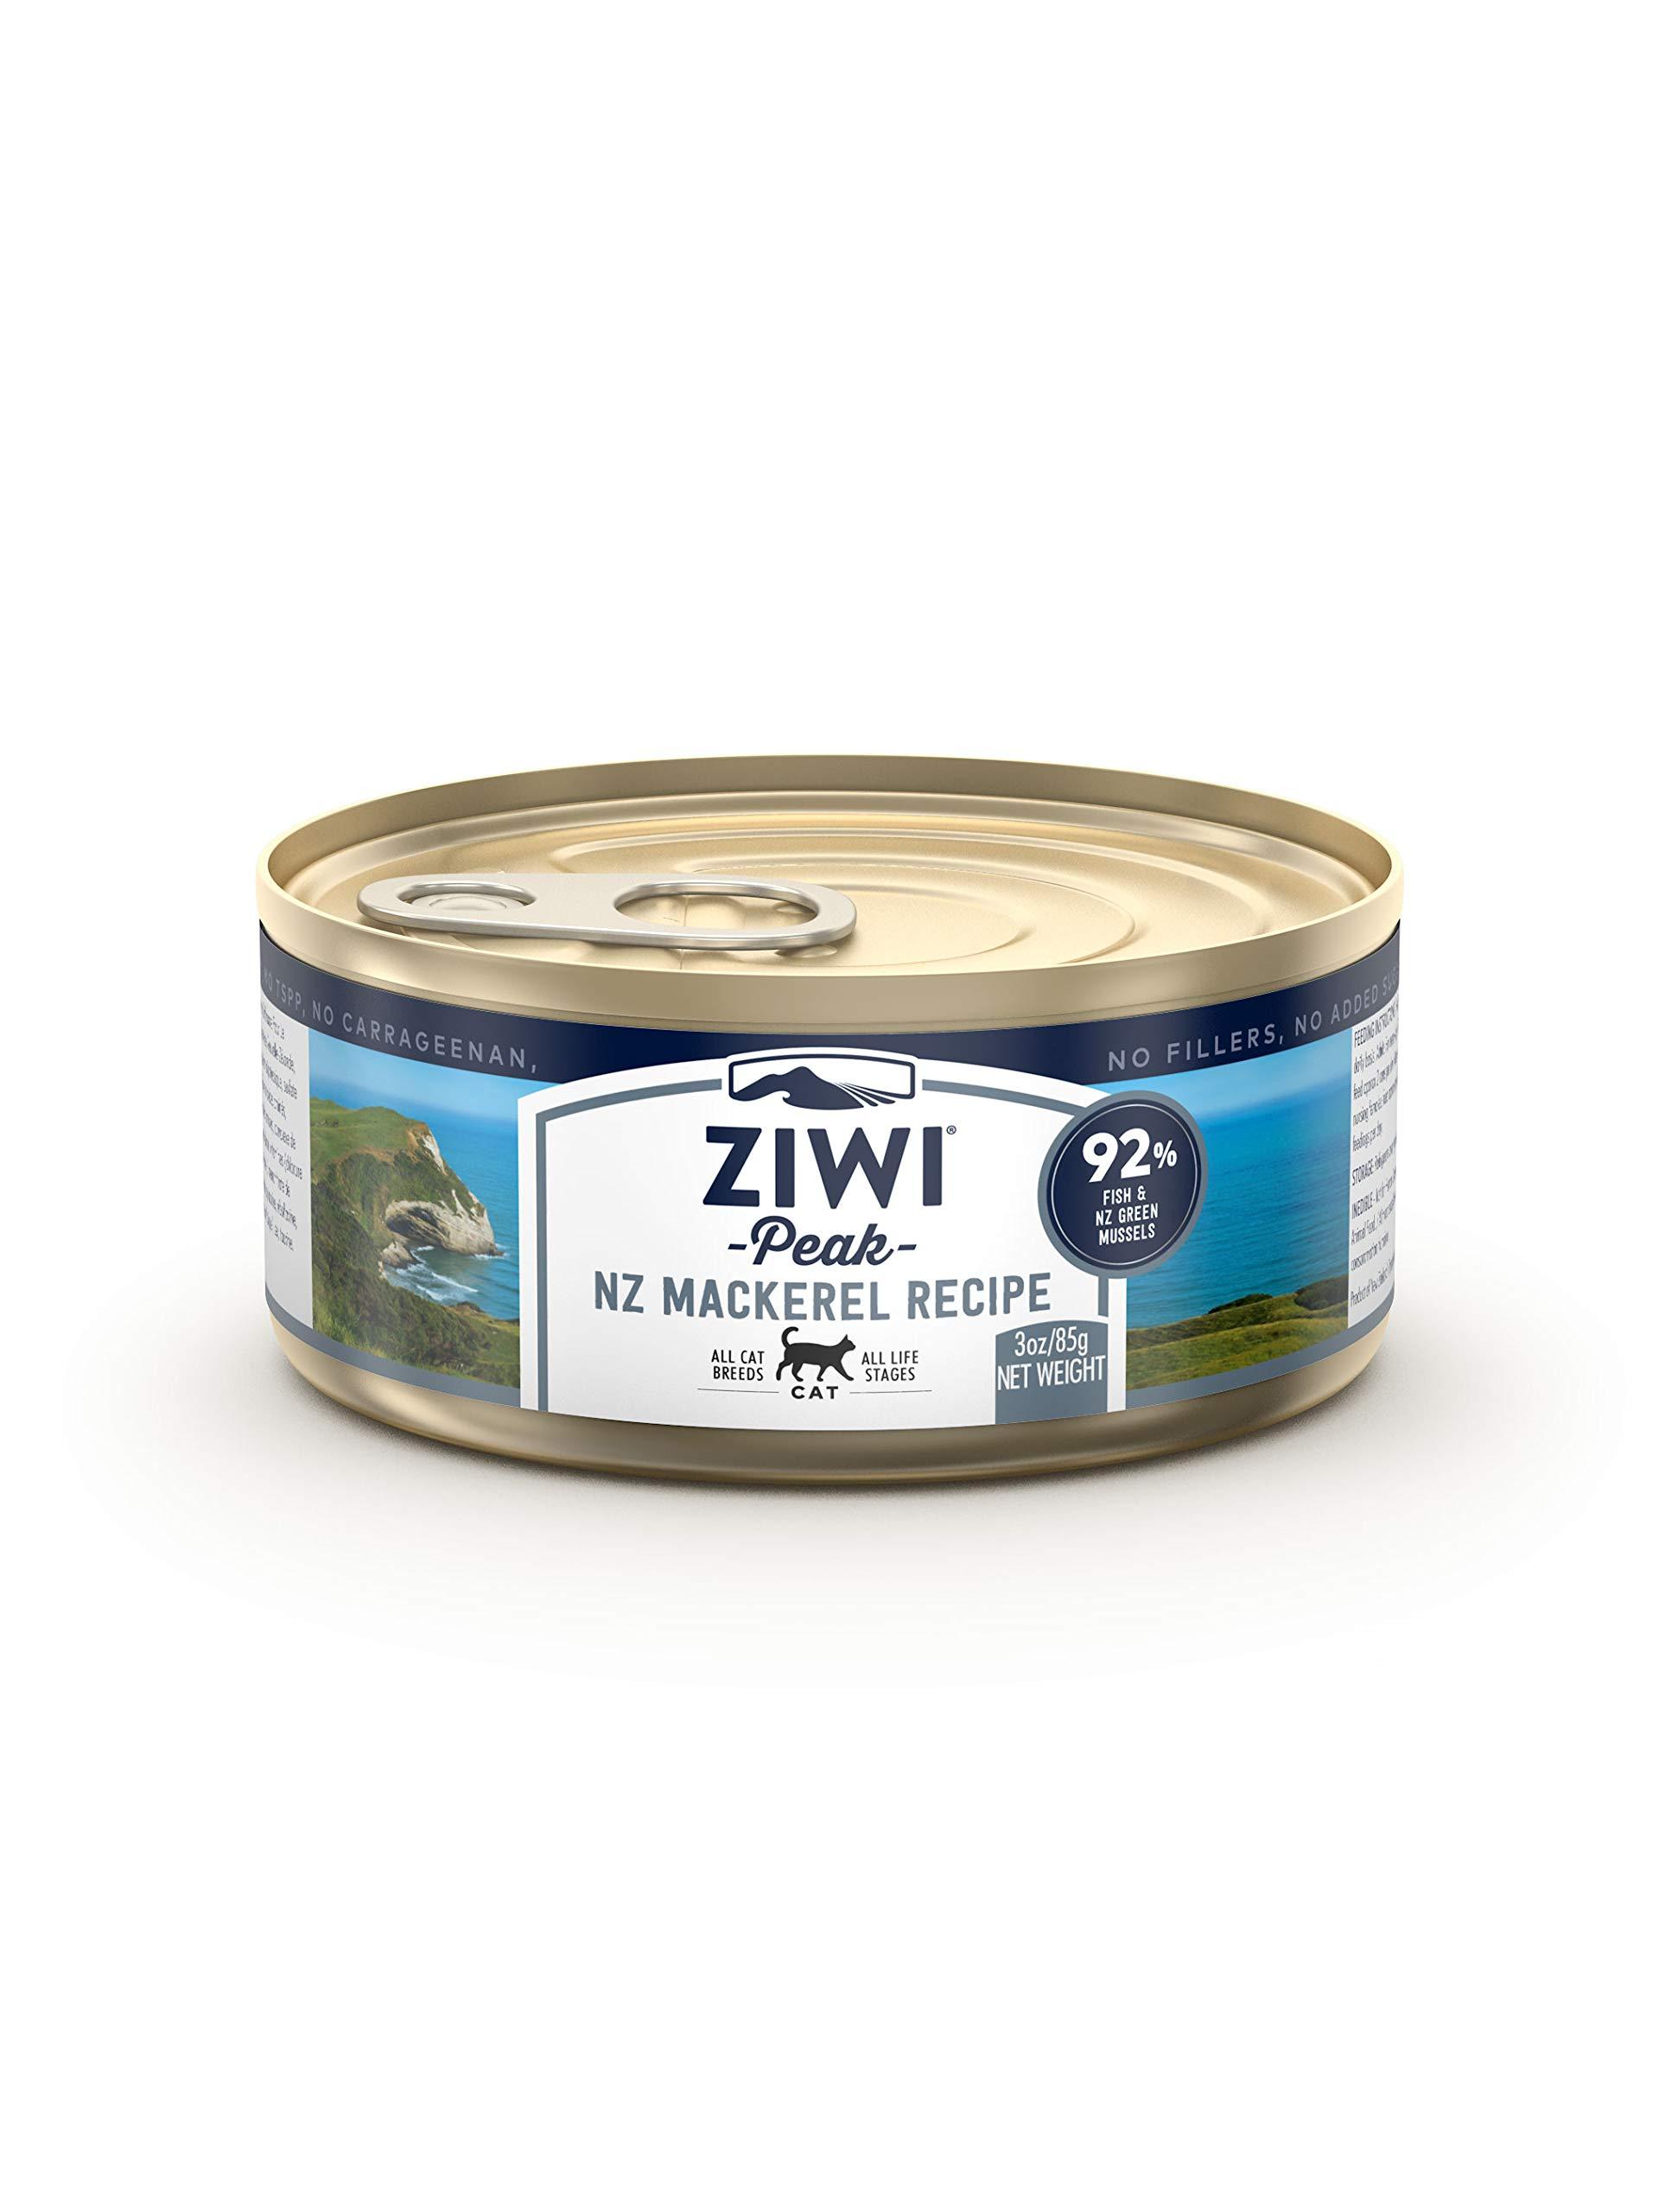 Ziwi Peak Canned Mackerel Recipe Cat Food (Case of 24, 3 oz. Each) by Ziwi Peak